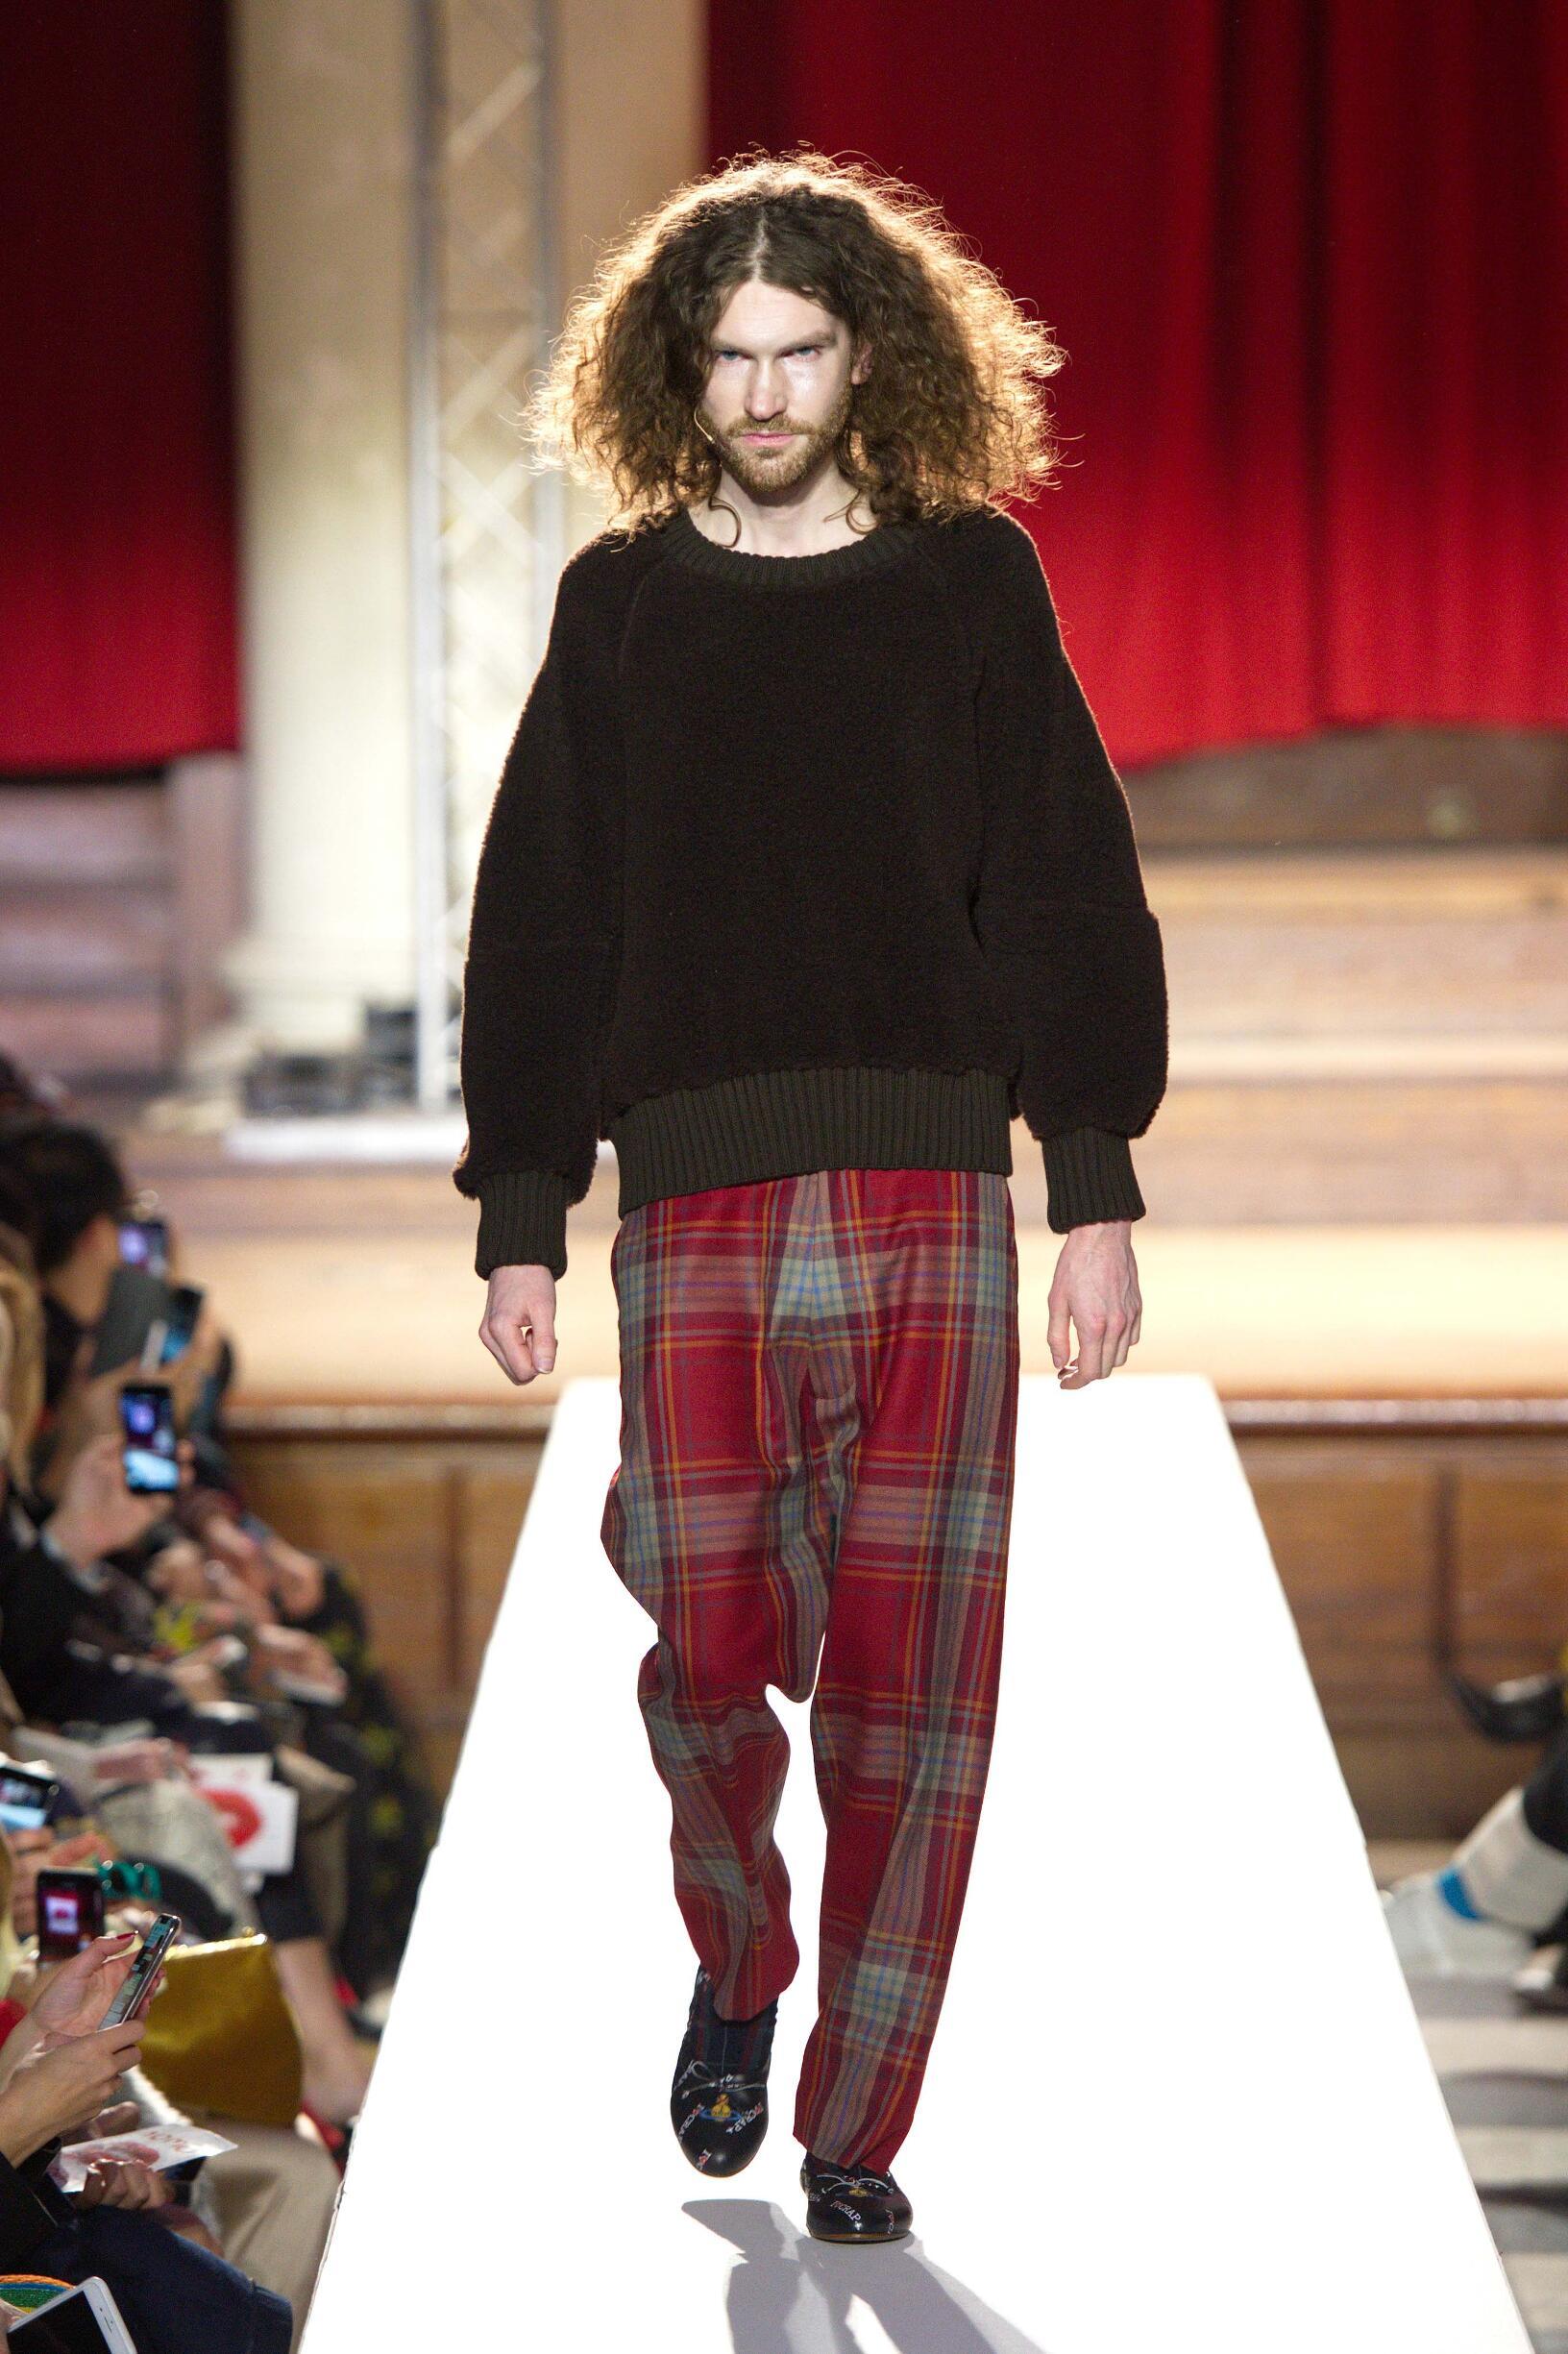 2019 Catwalk Vivienne Westwood Man Fashion Show Winter